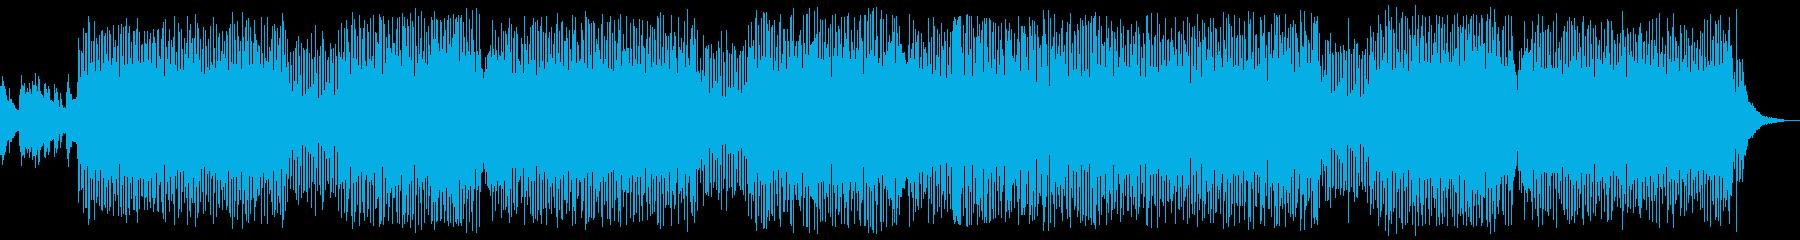 モダン和風/ReMIX/フル尺の再生済みの波形